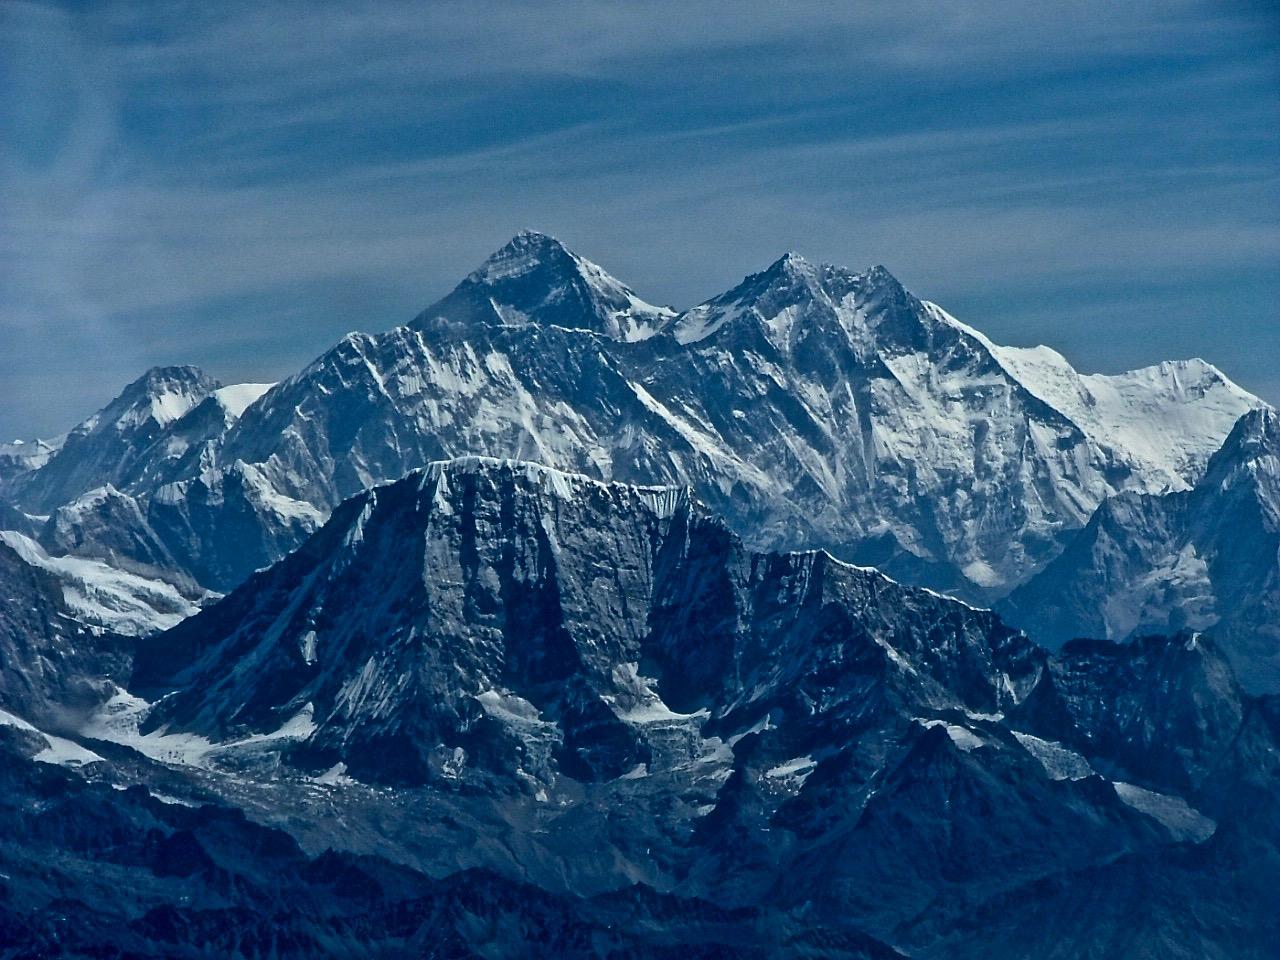 Everest by Charlotte Tottenham